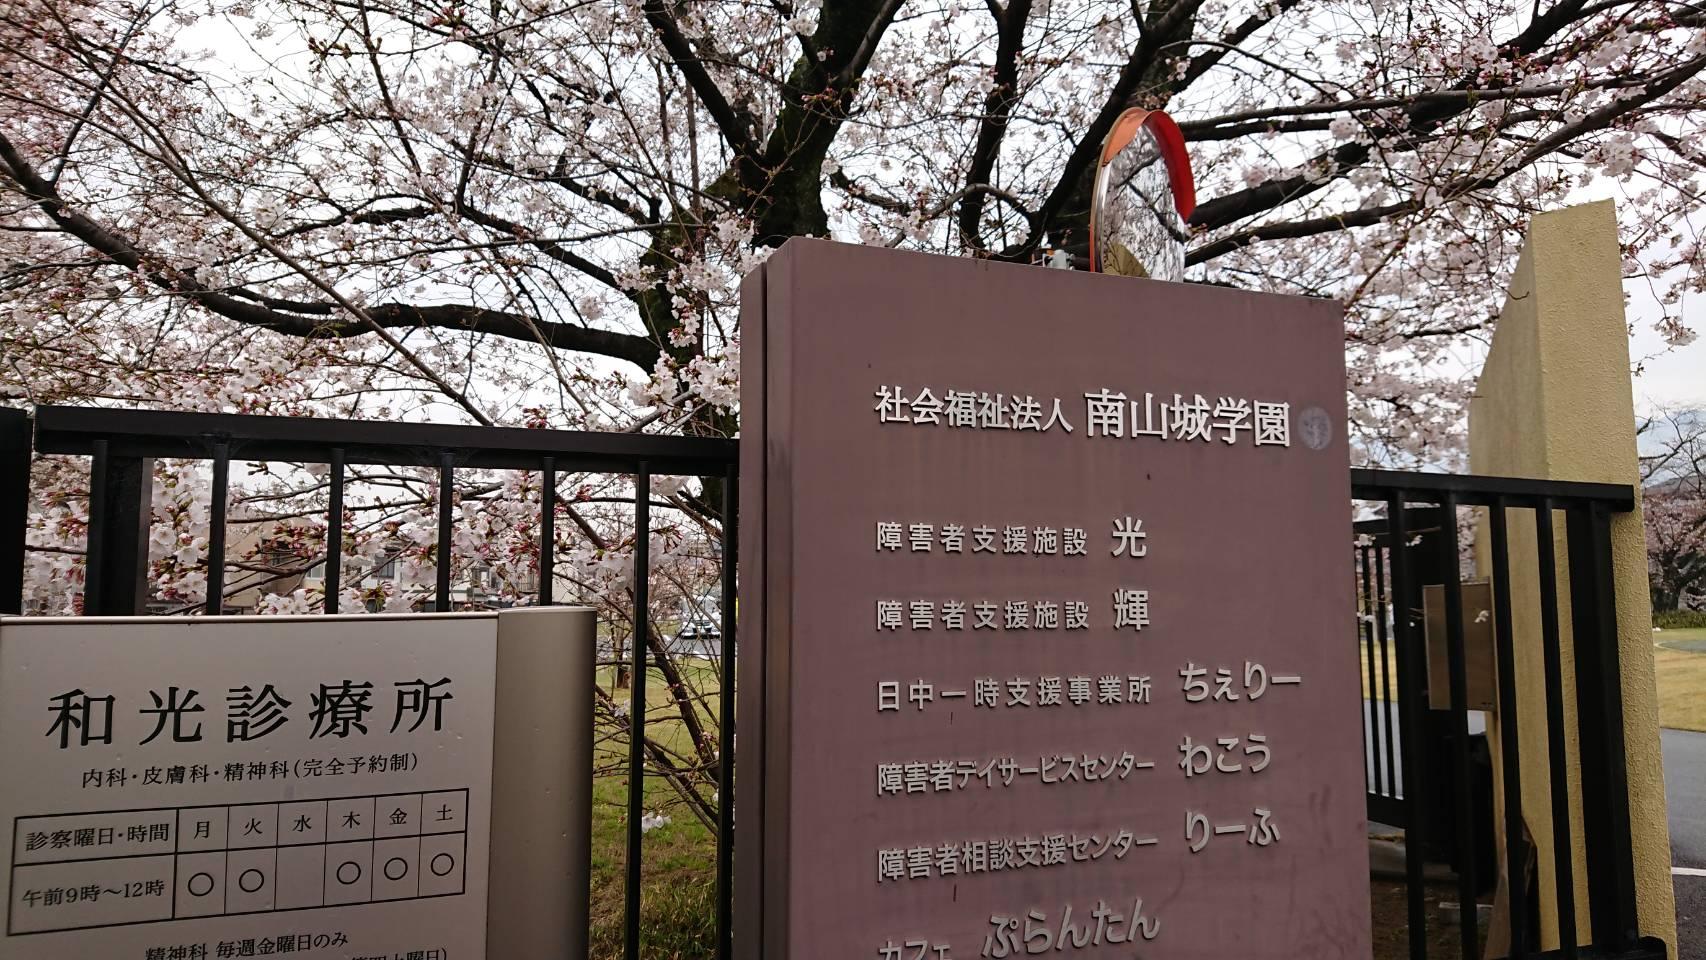 【枚方店】南山城学園付近まで散歩してきました。